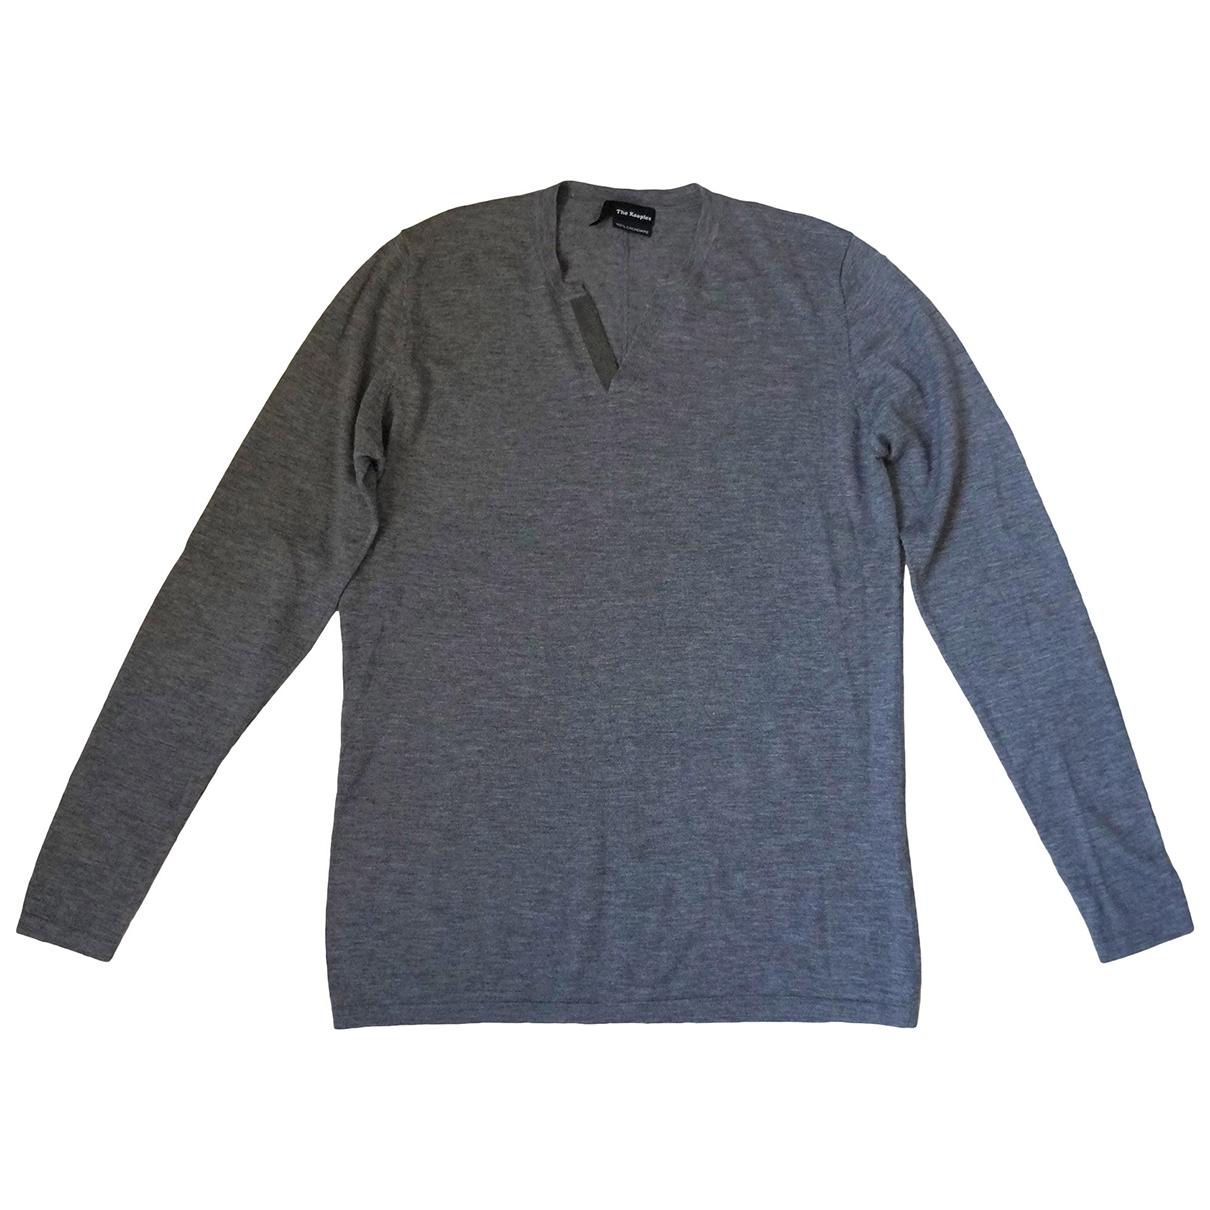 The Kooples \N Grey Cashmere Knitwear & Sweatshirts for Men L International